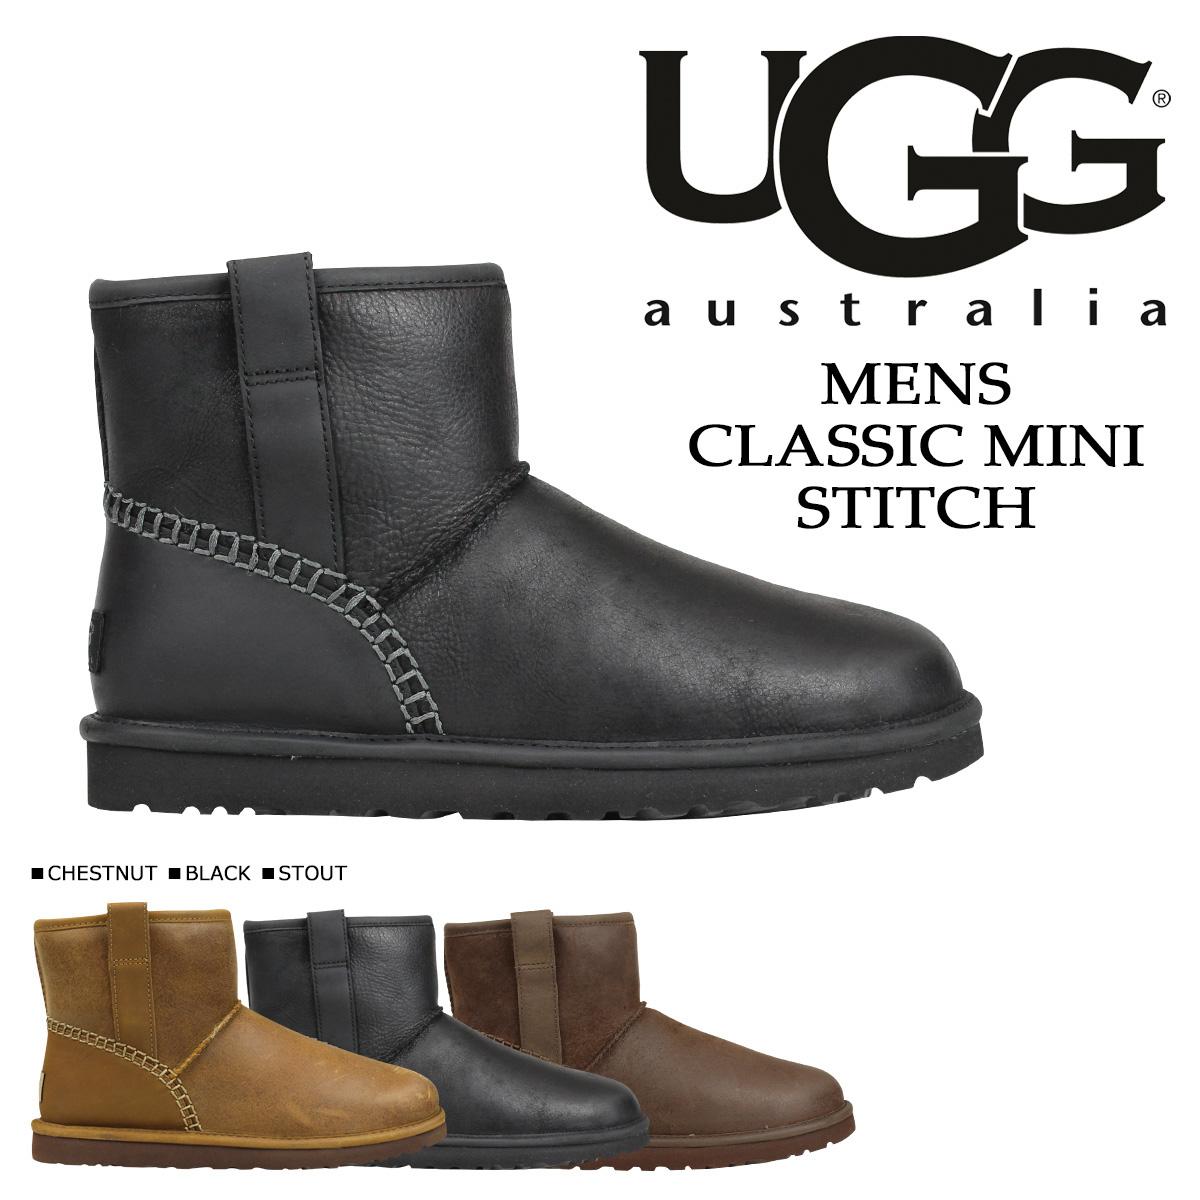 UGG アグ ムートンブーツ メンズ クラシック ミニ MENS CLASSIC MINI STITCH 1008621 レザー